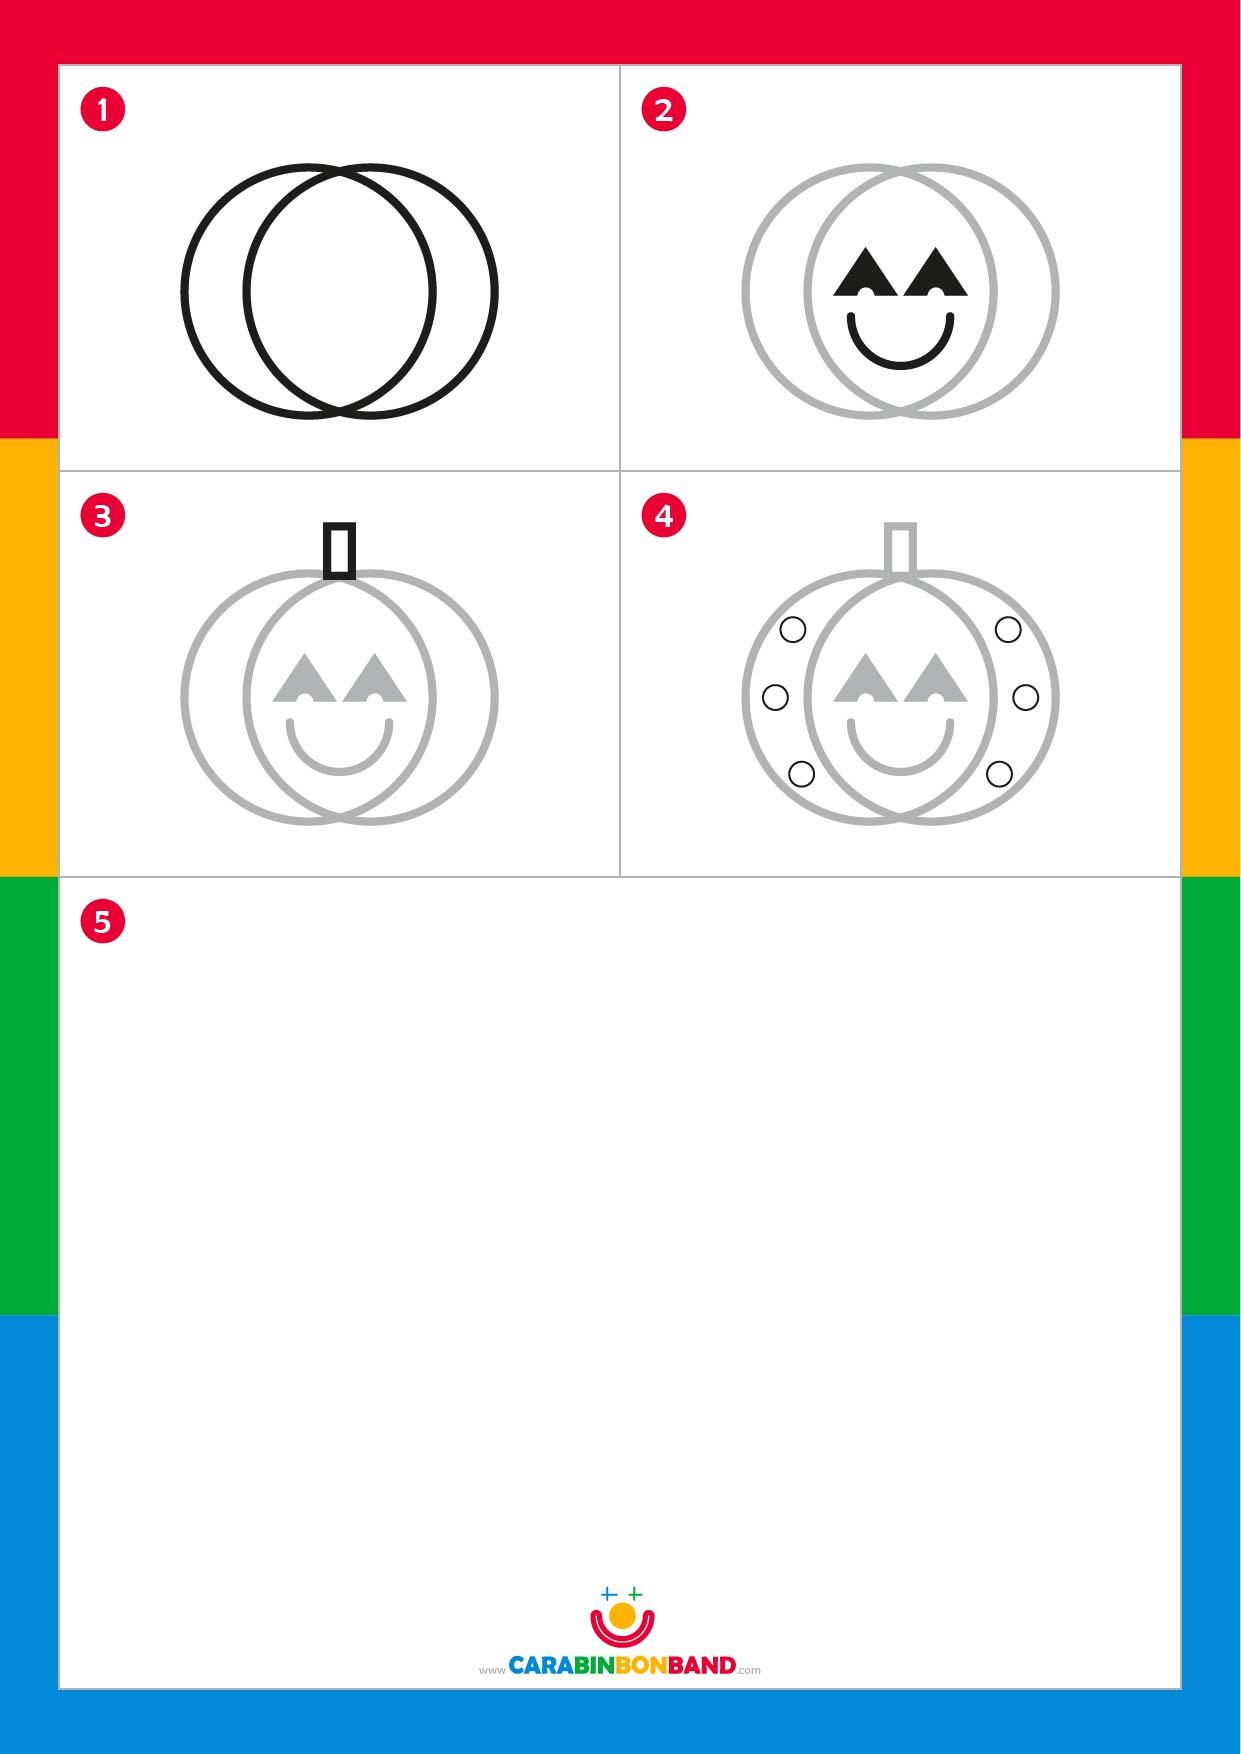 Tutoriales de dibujo: calabaza de Halloween fácil para niños